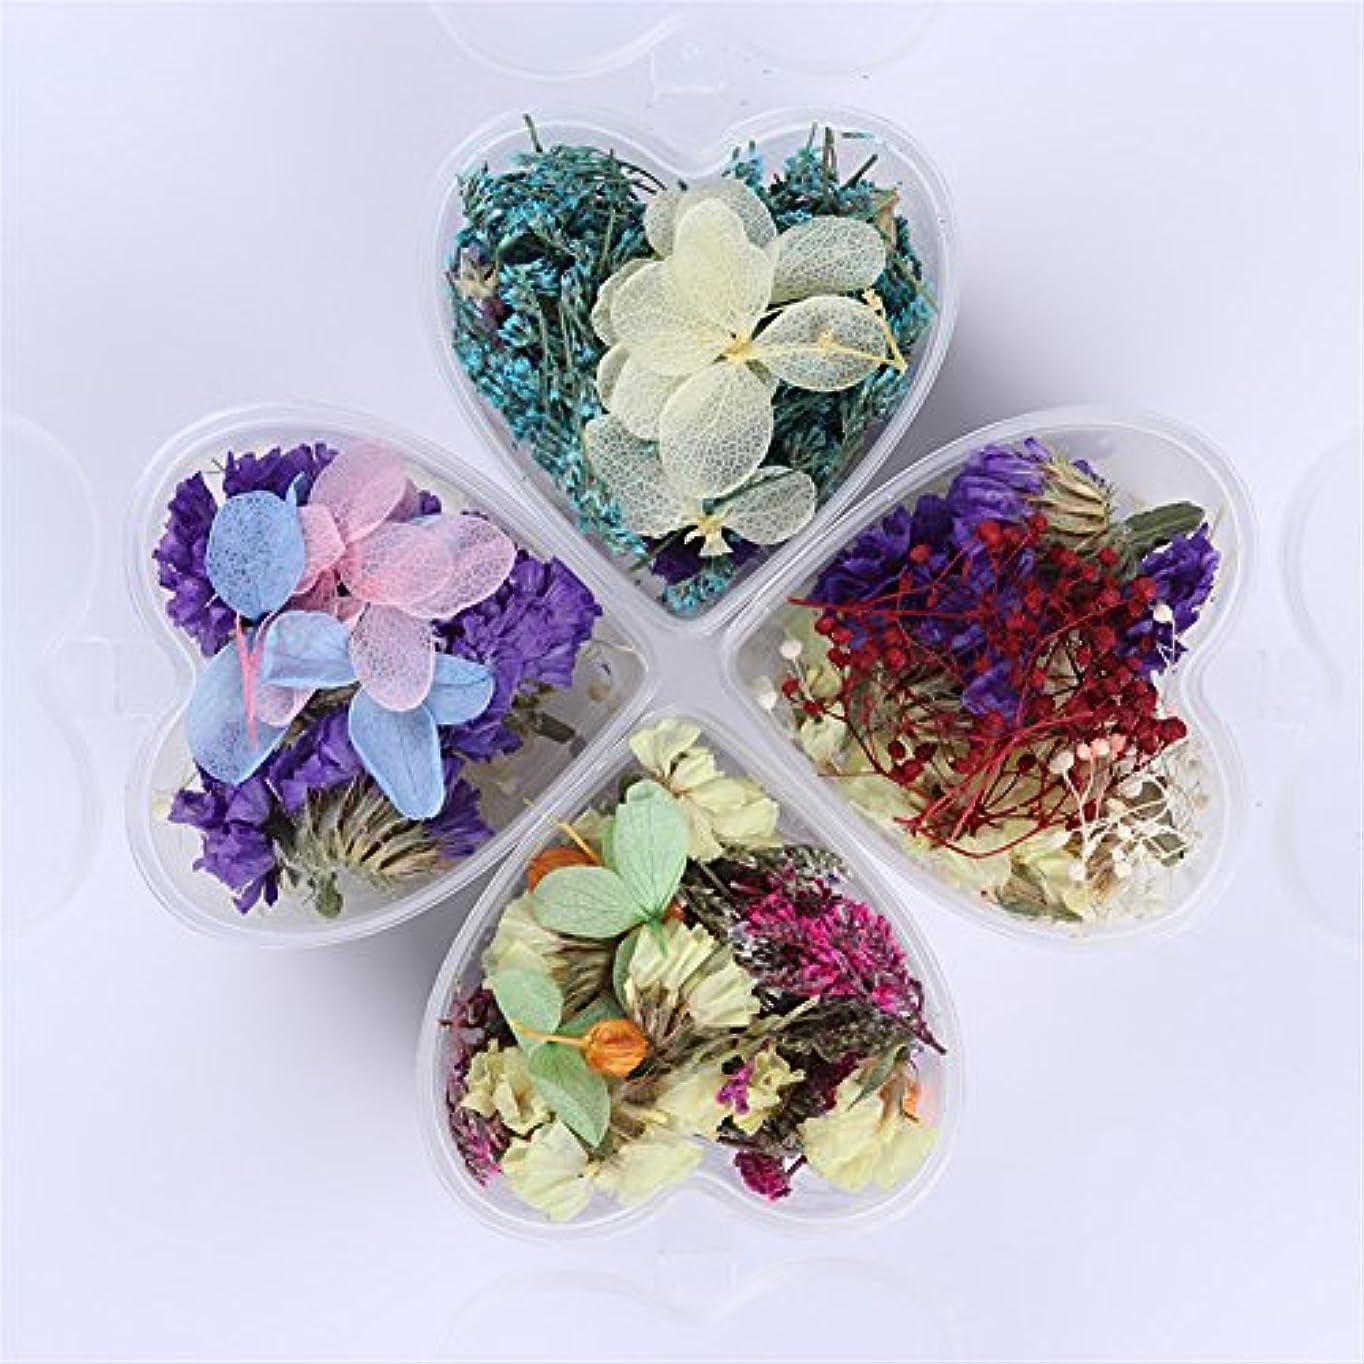 存在手綱あらゆる種類のBORN PRETTY 押し花 ドライフラワー レジン入れ レジン型 アジサイ ハンドメイド 3Dデコレーション 4ボックスセット DIYデコレーション